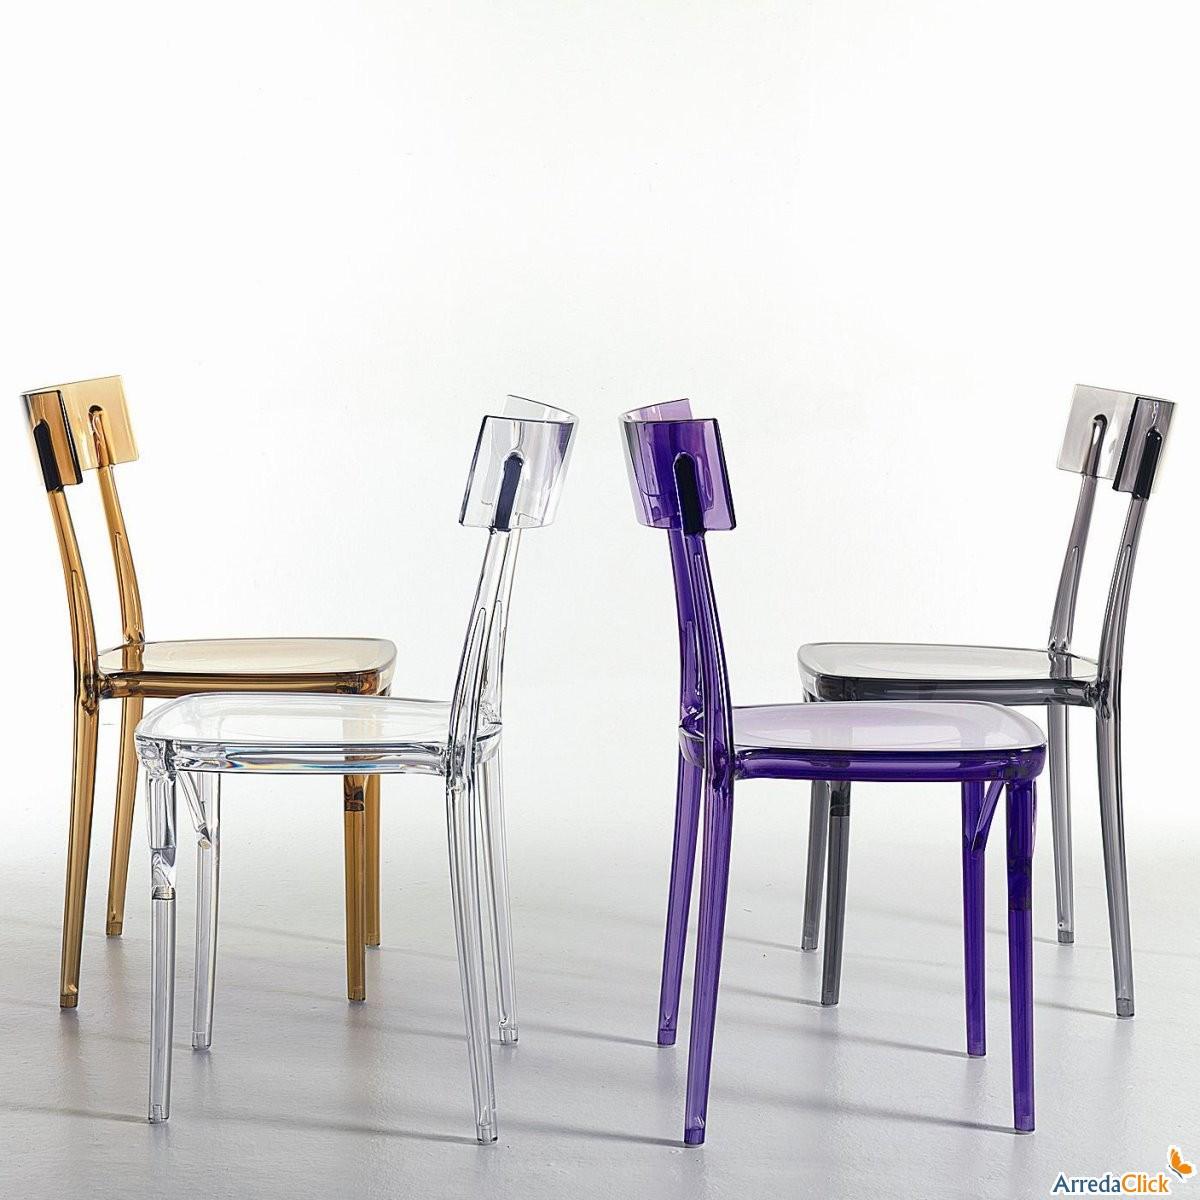 lieblingsst cke transparente st hle teil 1. Black Bedroom Furniture Sets. Home Design Ideas